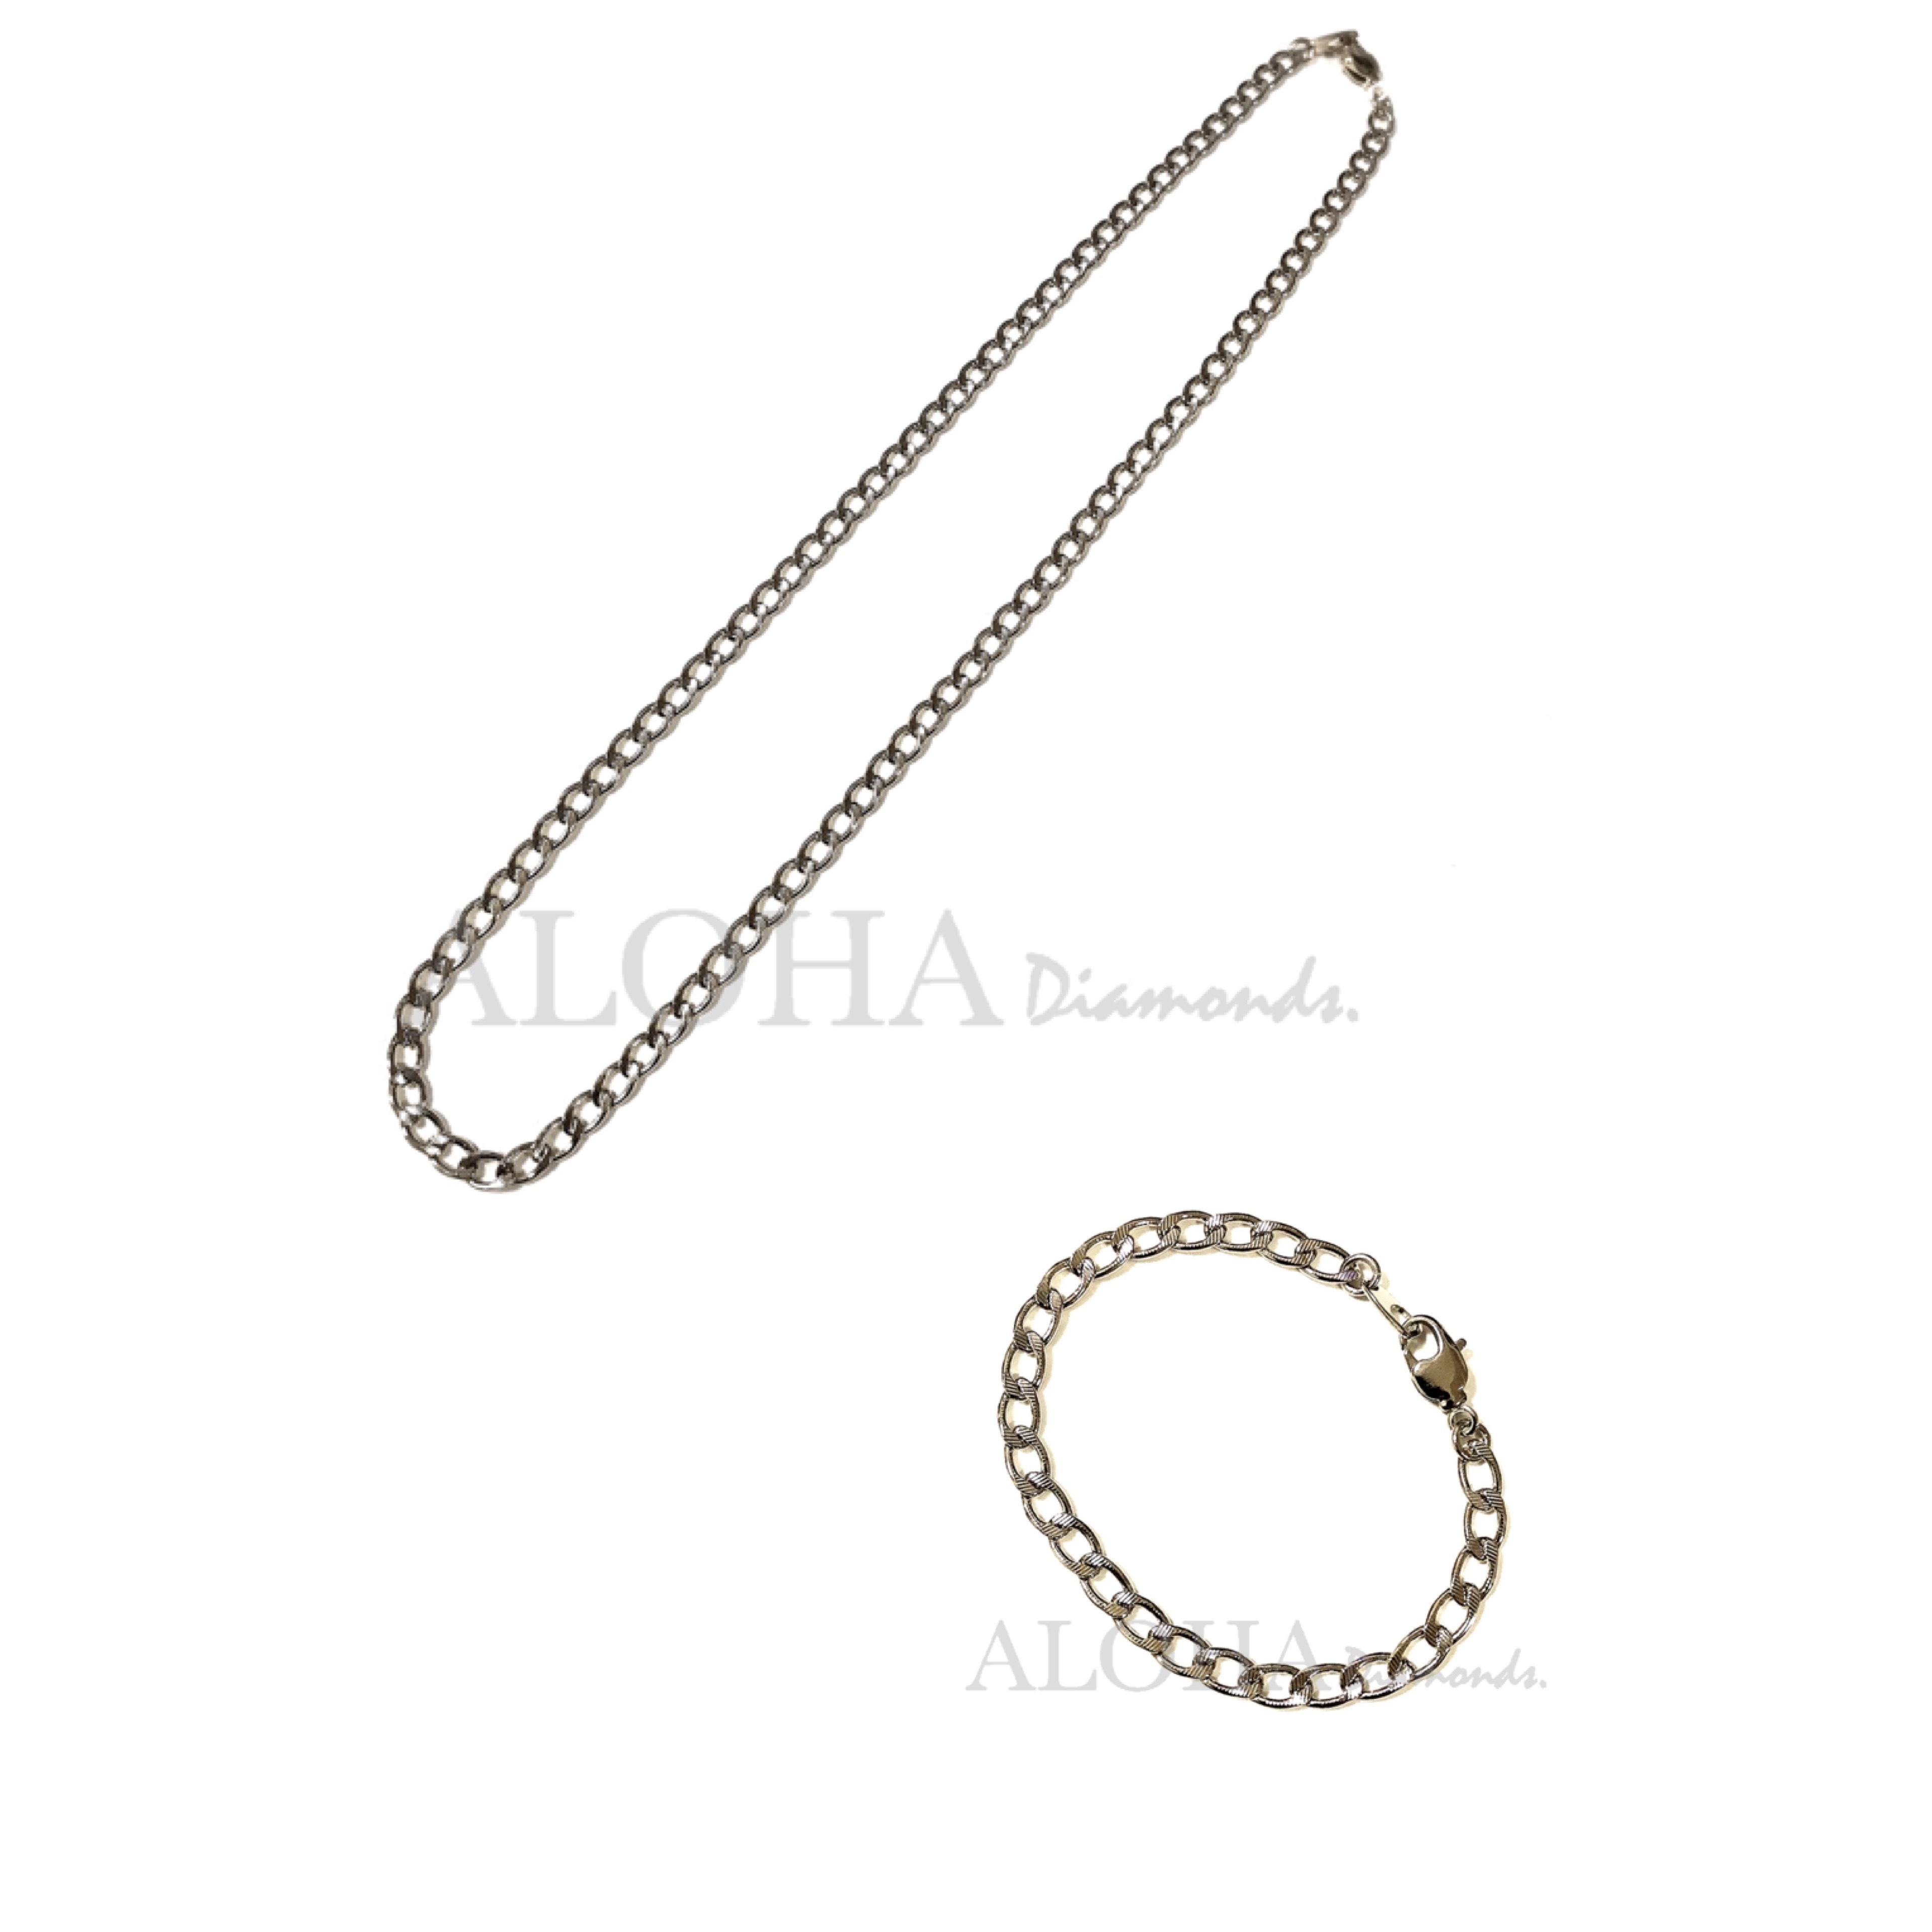 ✴︎✴︎✴︎The chain - No.5✴︎✴︎✴︎ シルバー/ネックレス・ブレスレット セット